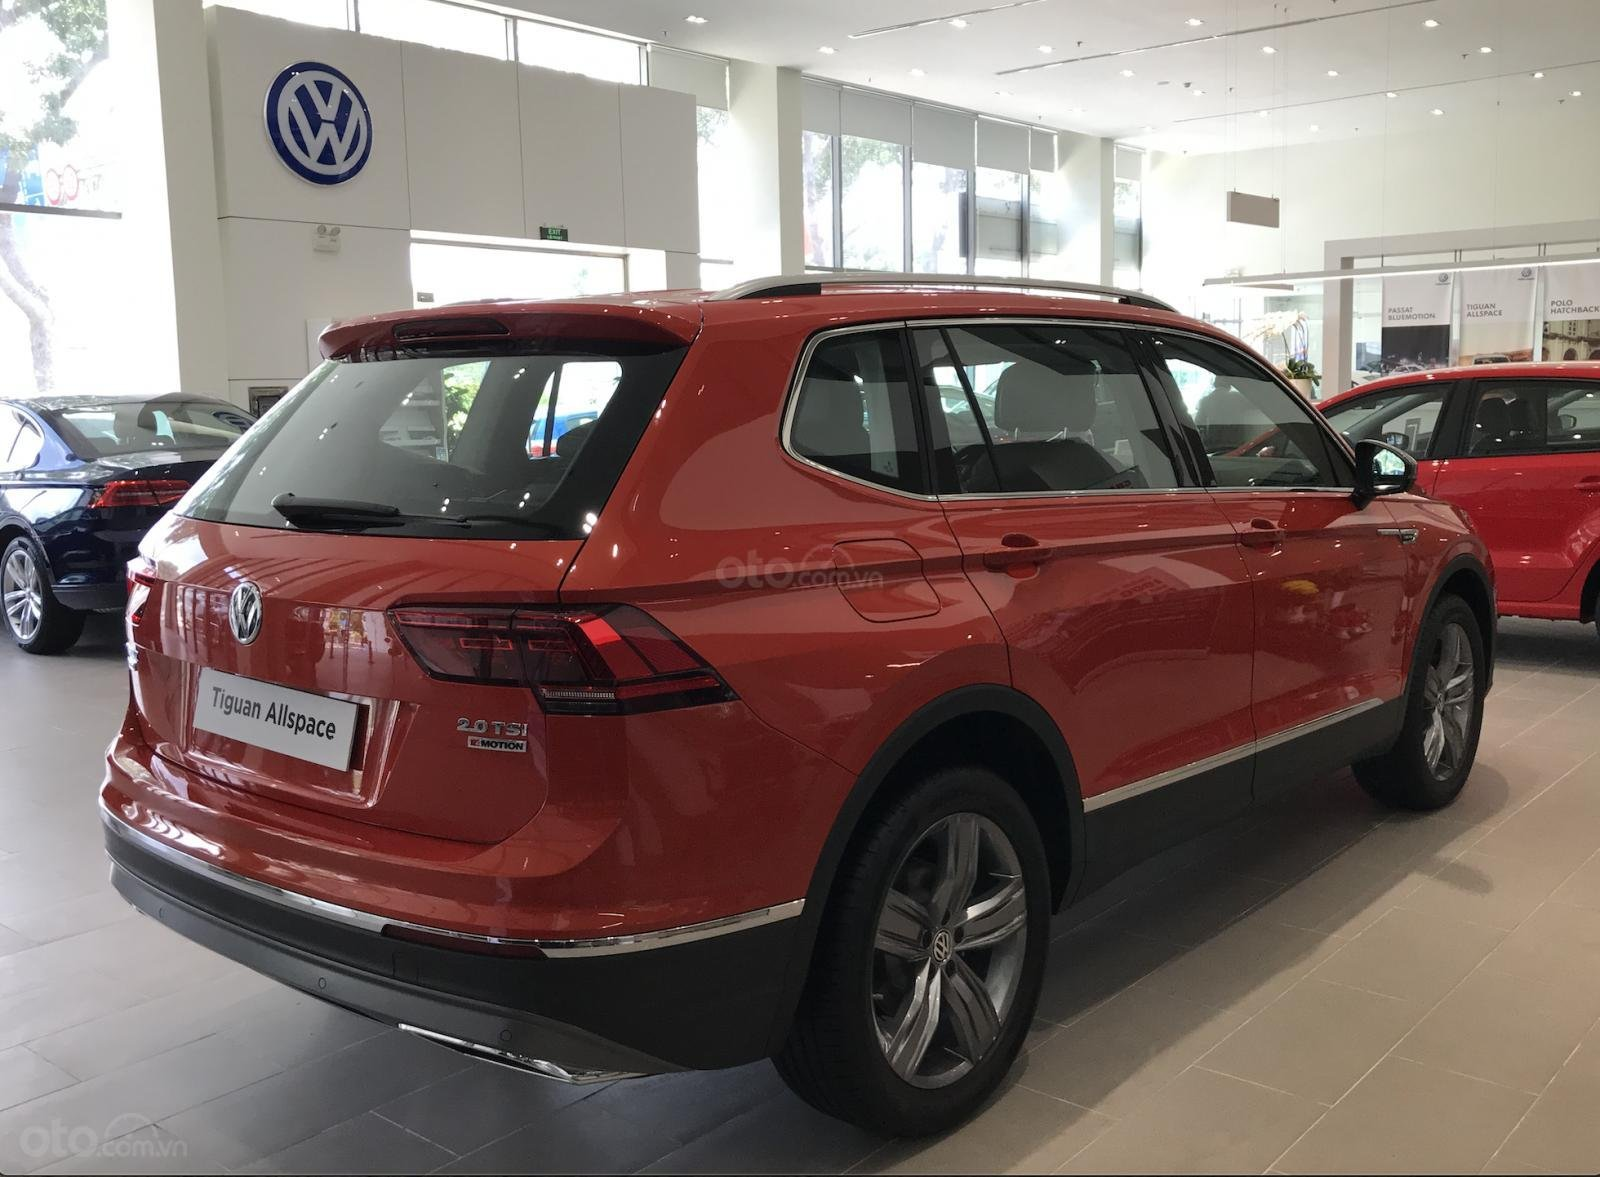 1.8 tỷ có thể mua được xe gì??? Xe Đức 7 chỗ Tiguan AllSpace giá lăn bánh kèm BHVC chưa đến 1.8 tỷ Hotline: 090 68768 54 (10)